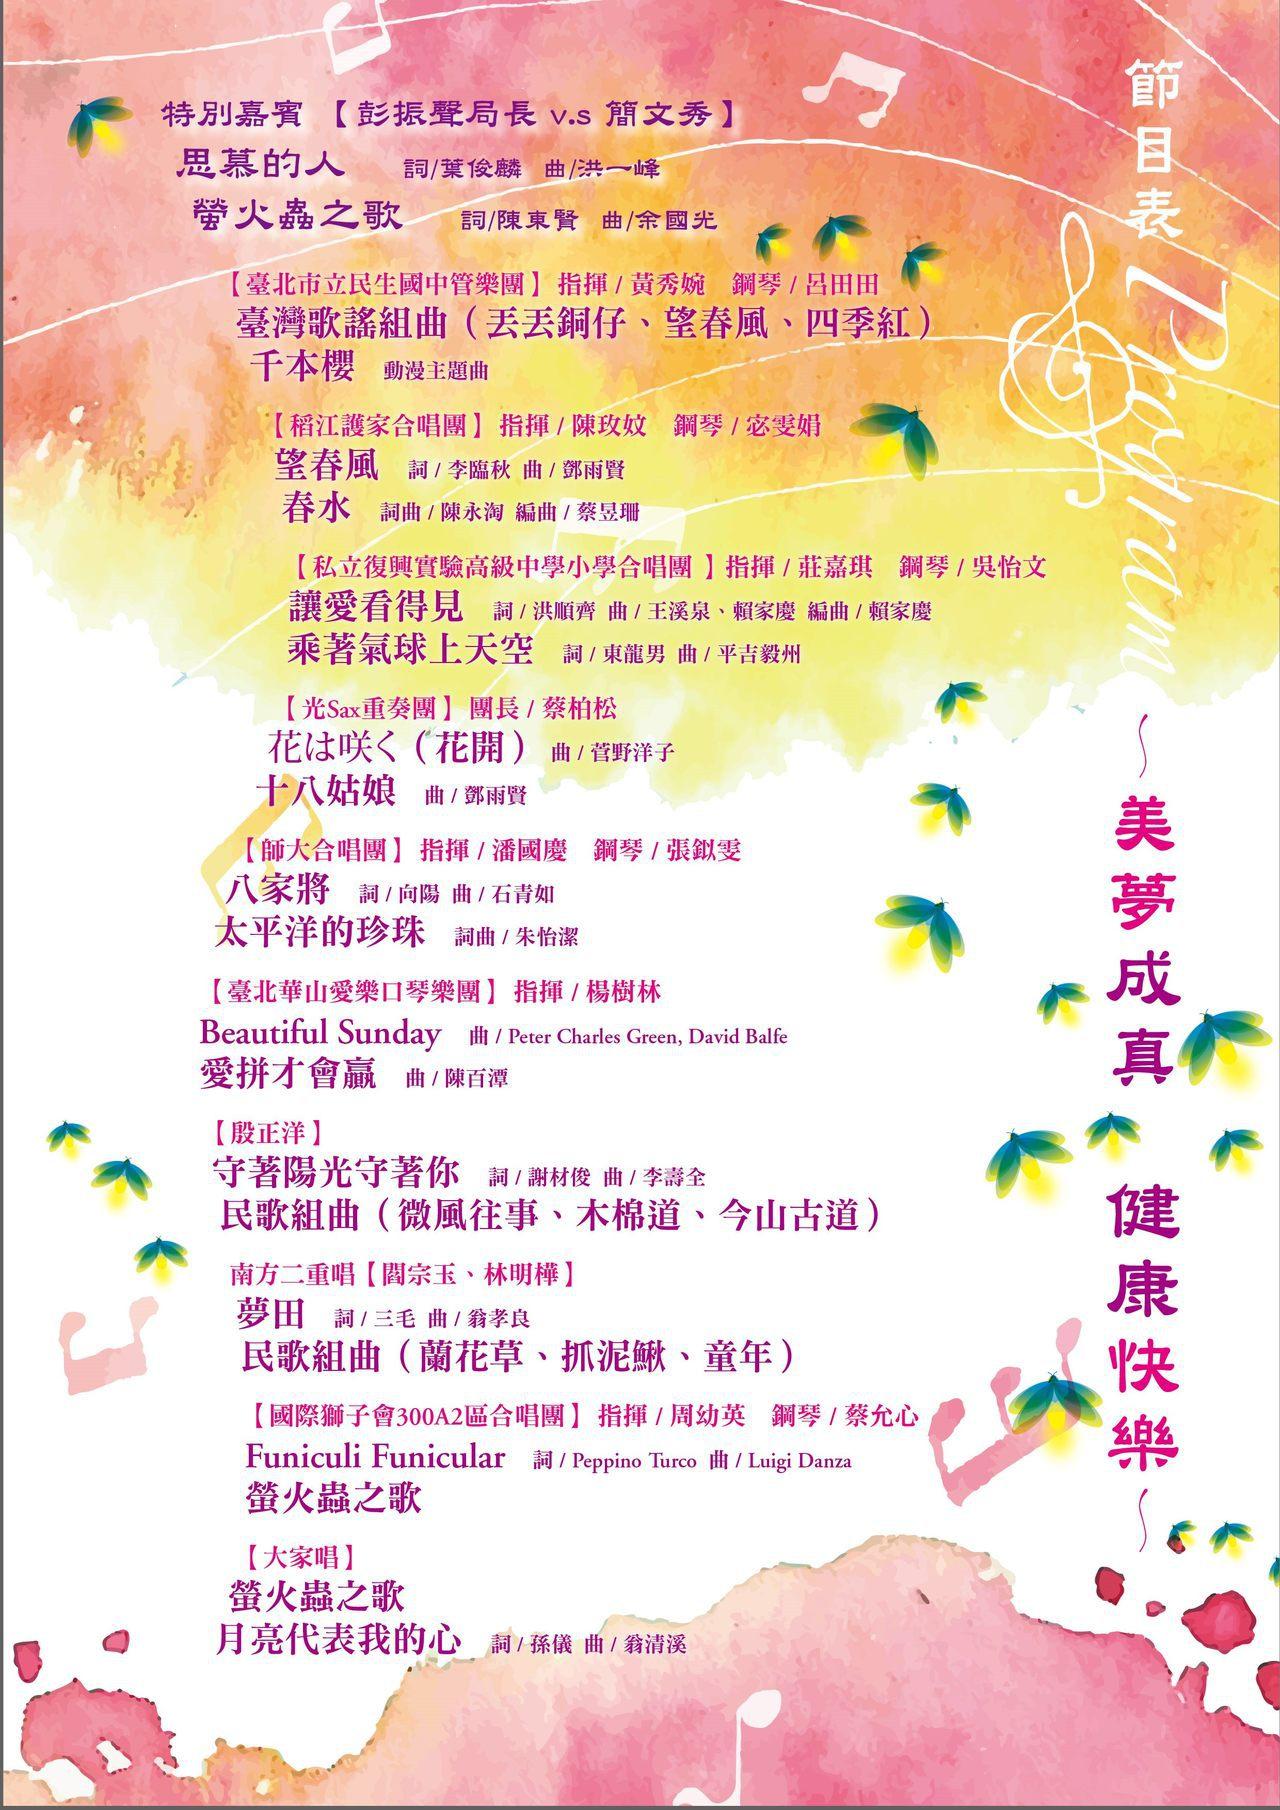 台北市大安森林公園本週日(29日)下午2點半起,將舉辦免費音樂會「戀戀螢火蟲20...